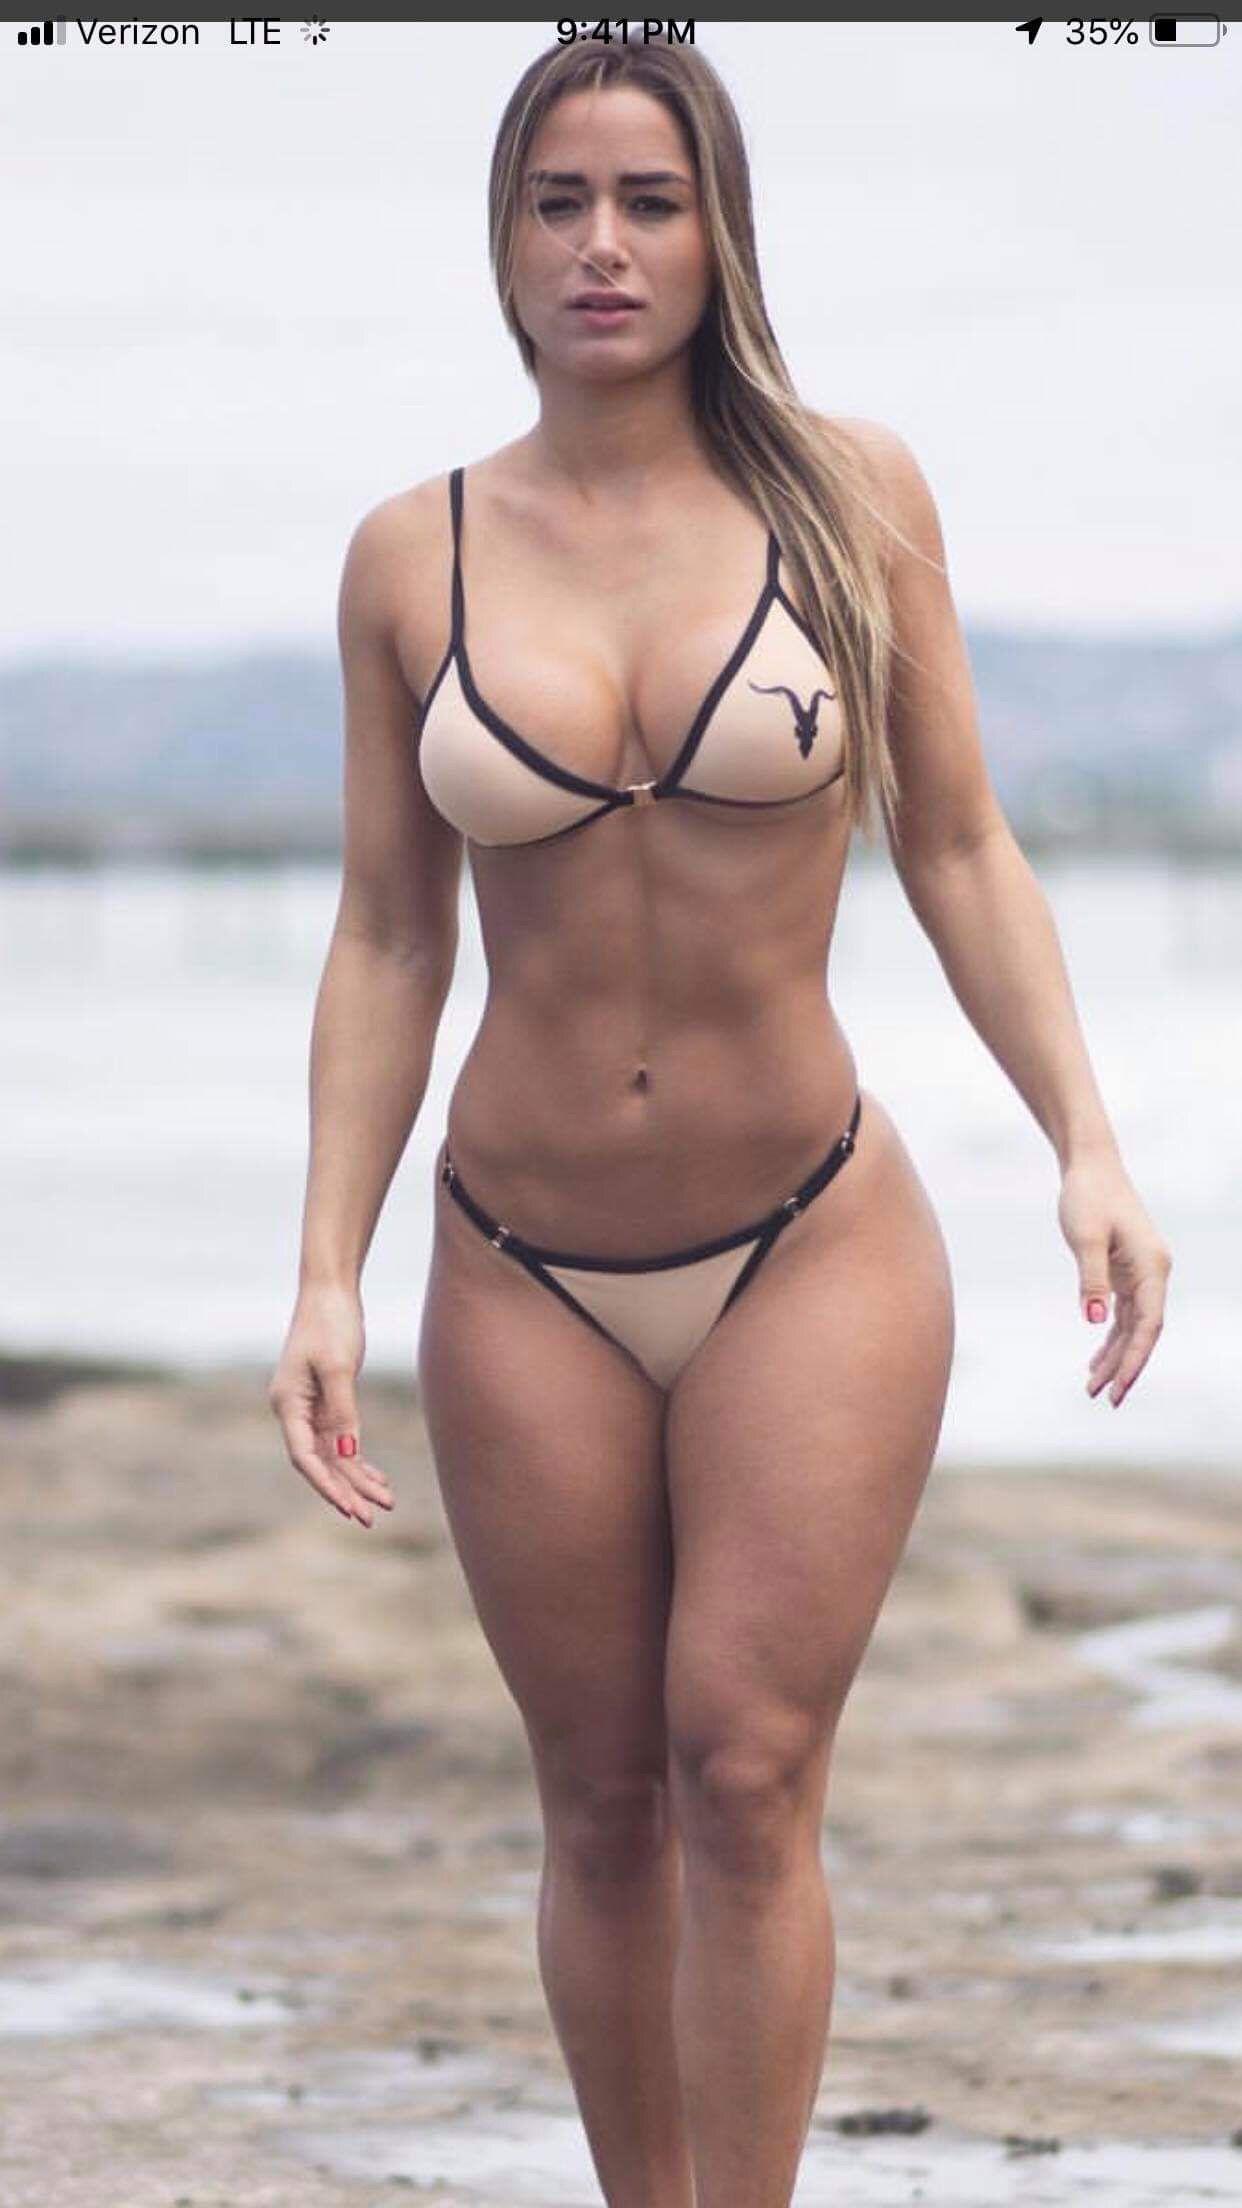 d812e3fc75 Pin by Betelguise Lucas on very beautiful and insanely hot women :-) in 2019    Bikinis, Bikini babes, Thong bikini